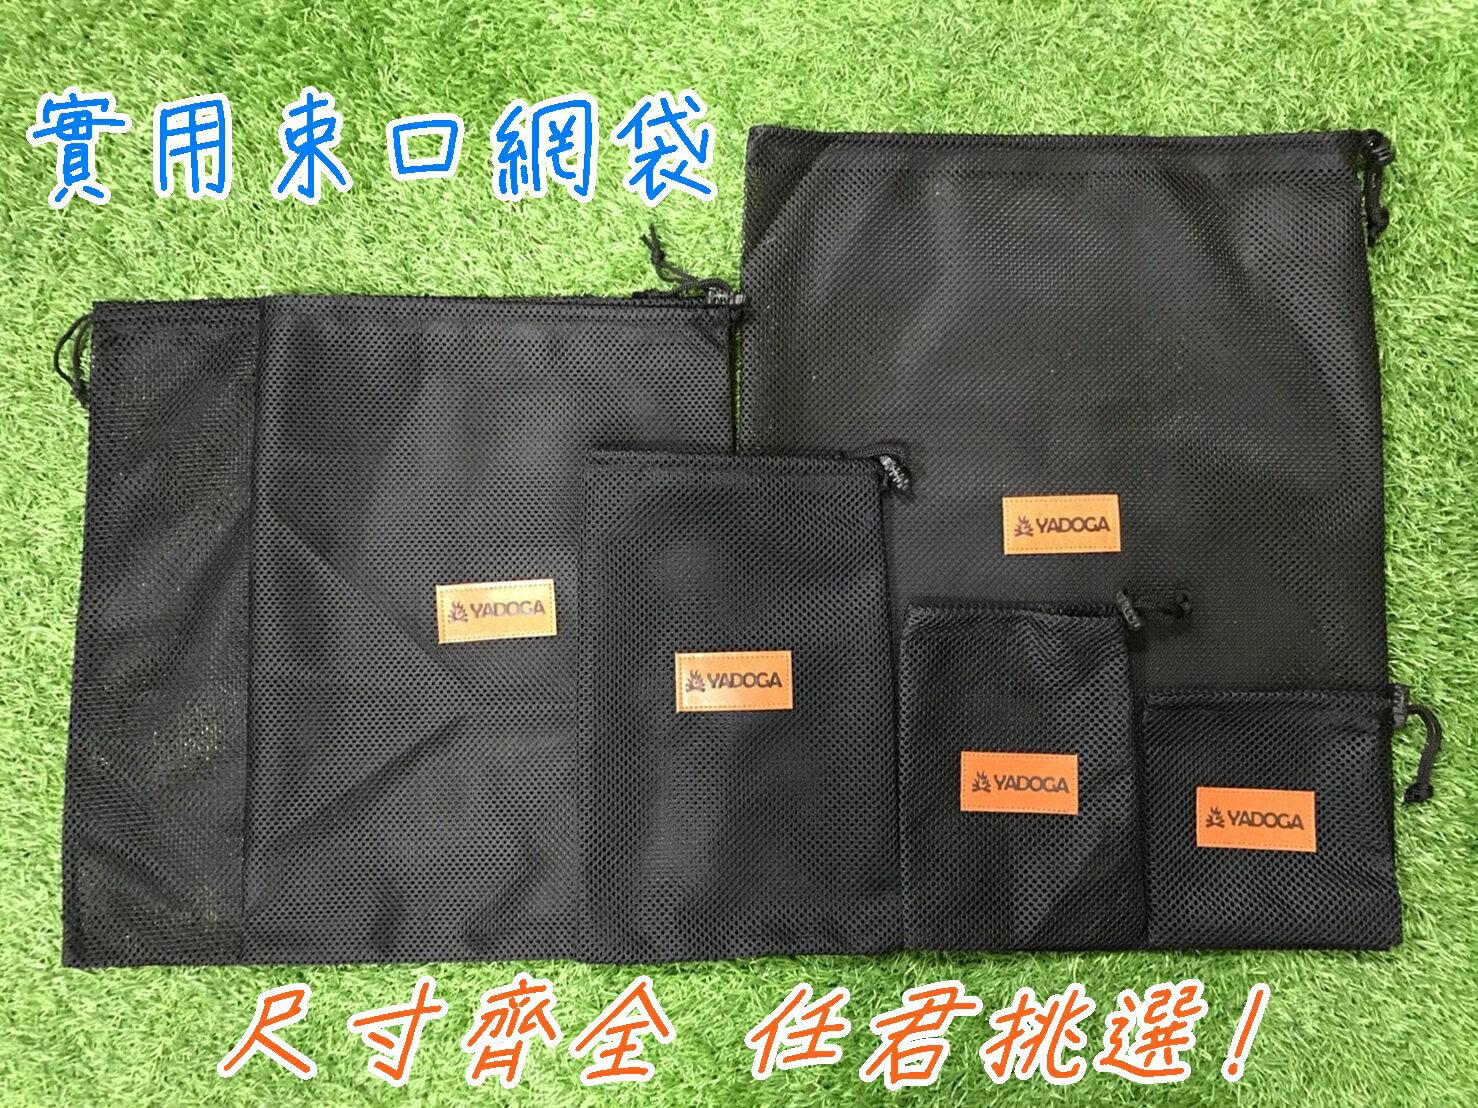 【野道家】束口網袋/拉鍊網袋 實用 黑色尼龍網袋